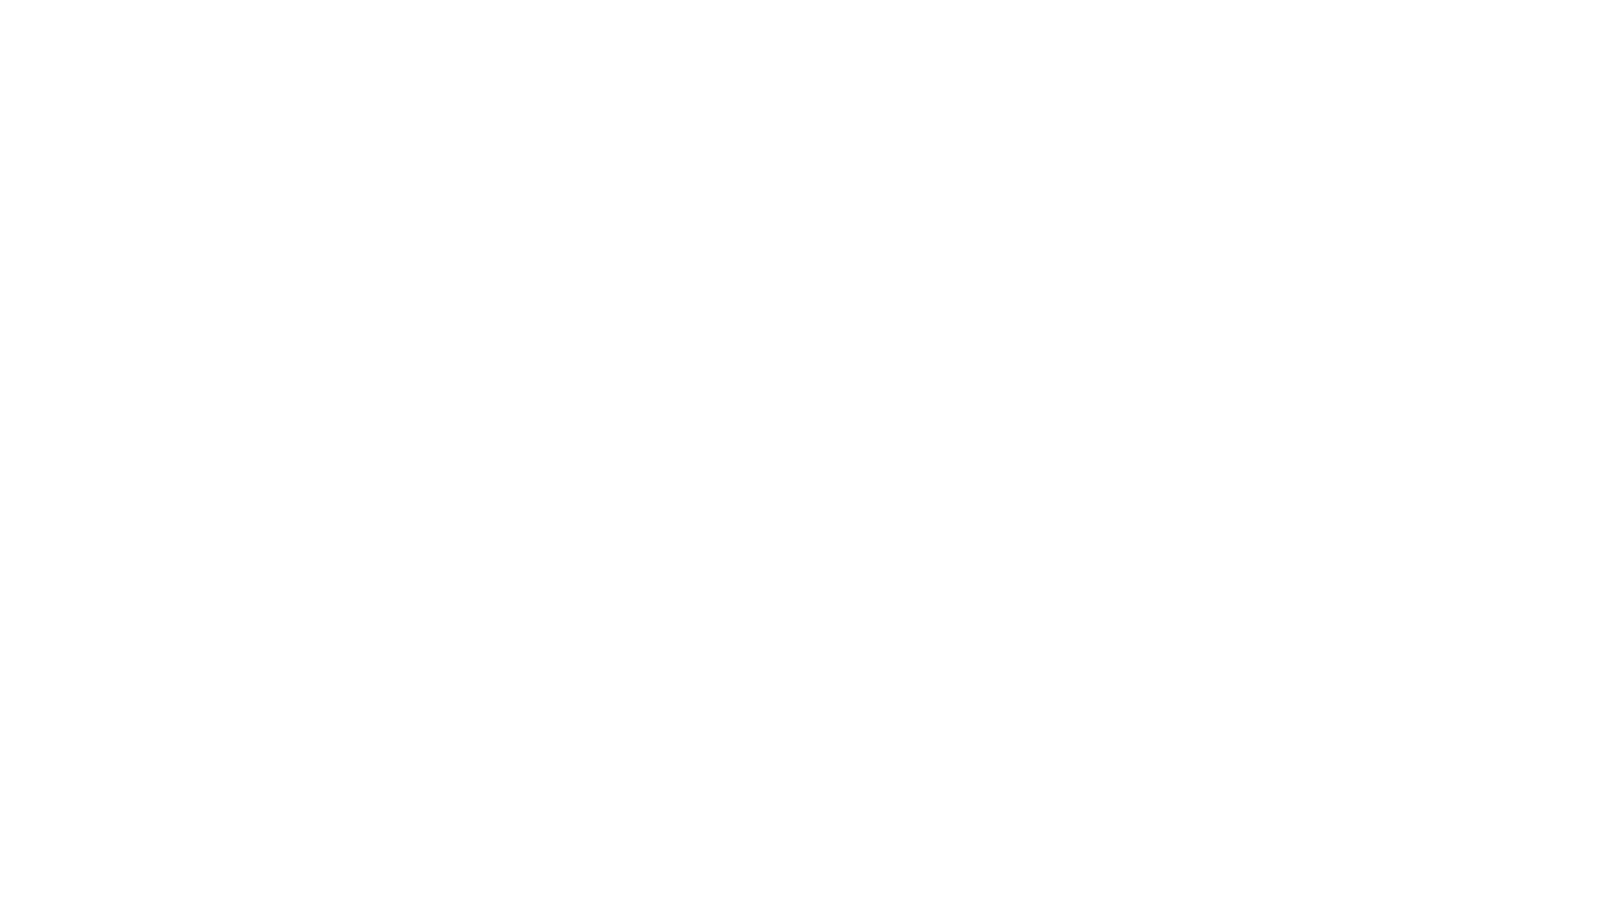 Corsi di Kung Fu, Difesa Personale e Grappling a Prato.  Insegnante Giacomo Lucarini. Scuola Kung Fu Chang Prato. Federazione Italiana Kung Fu.  Kung Fu Clan - Fight'n fun!  Info:  https://www.kuoshu.net/ https://www.difesapersonaleprato.it/